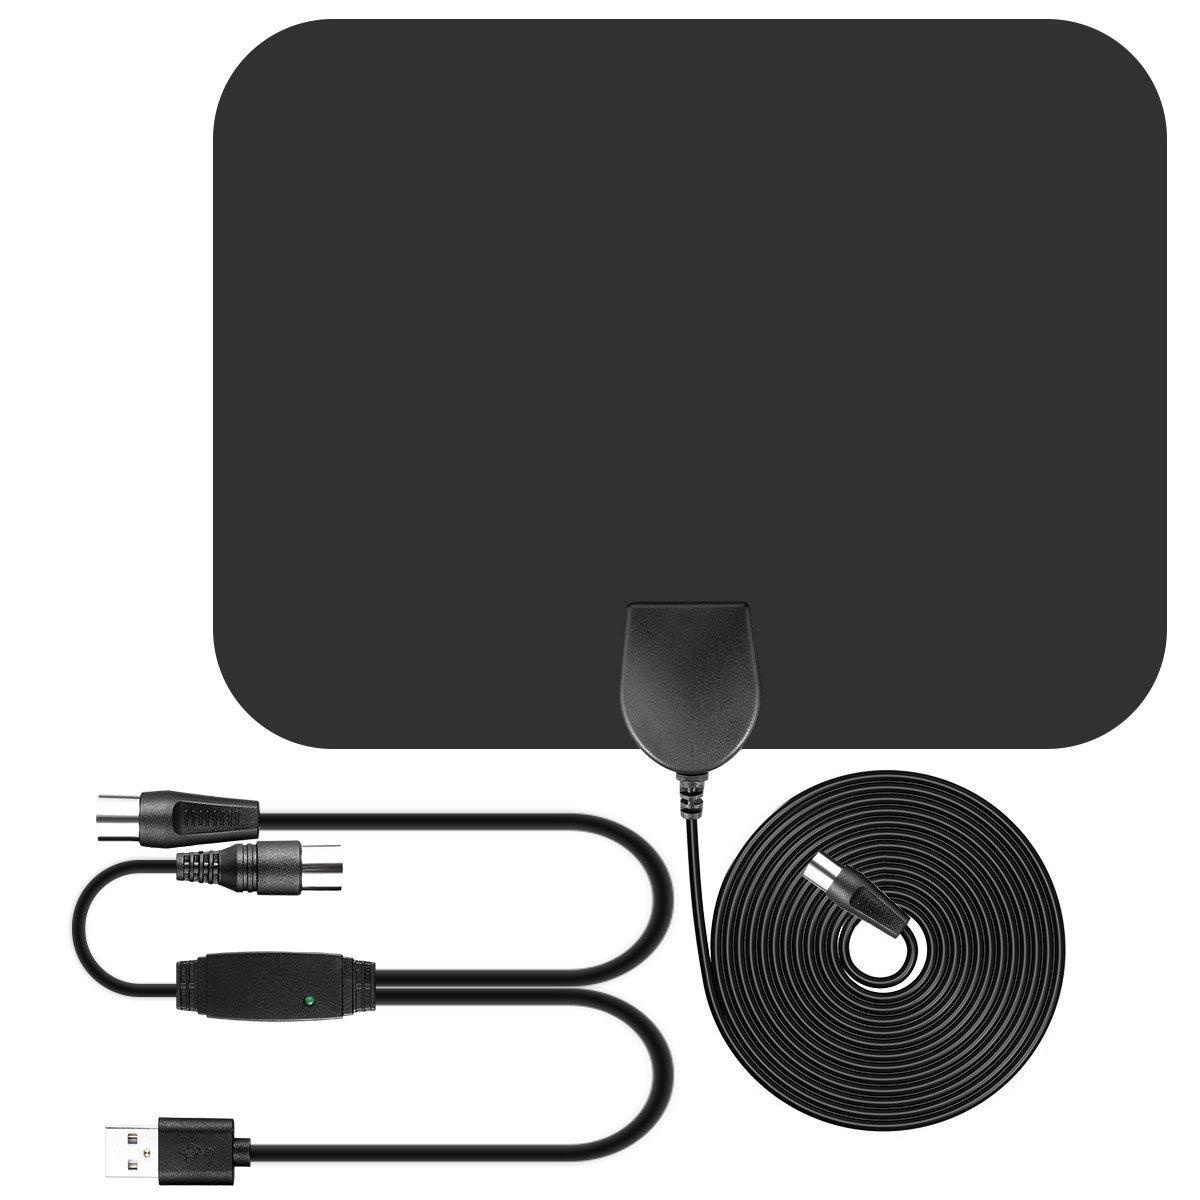 Antenne tv interieur : Un outil qui s'accroche au mur ?